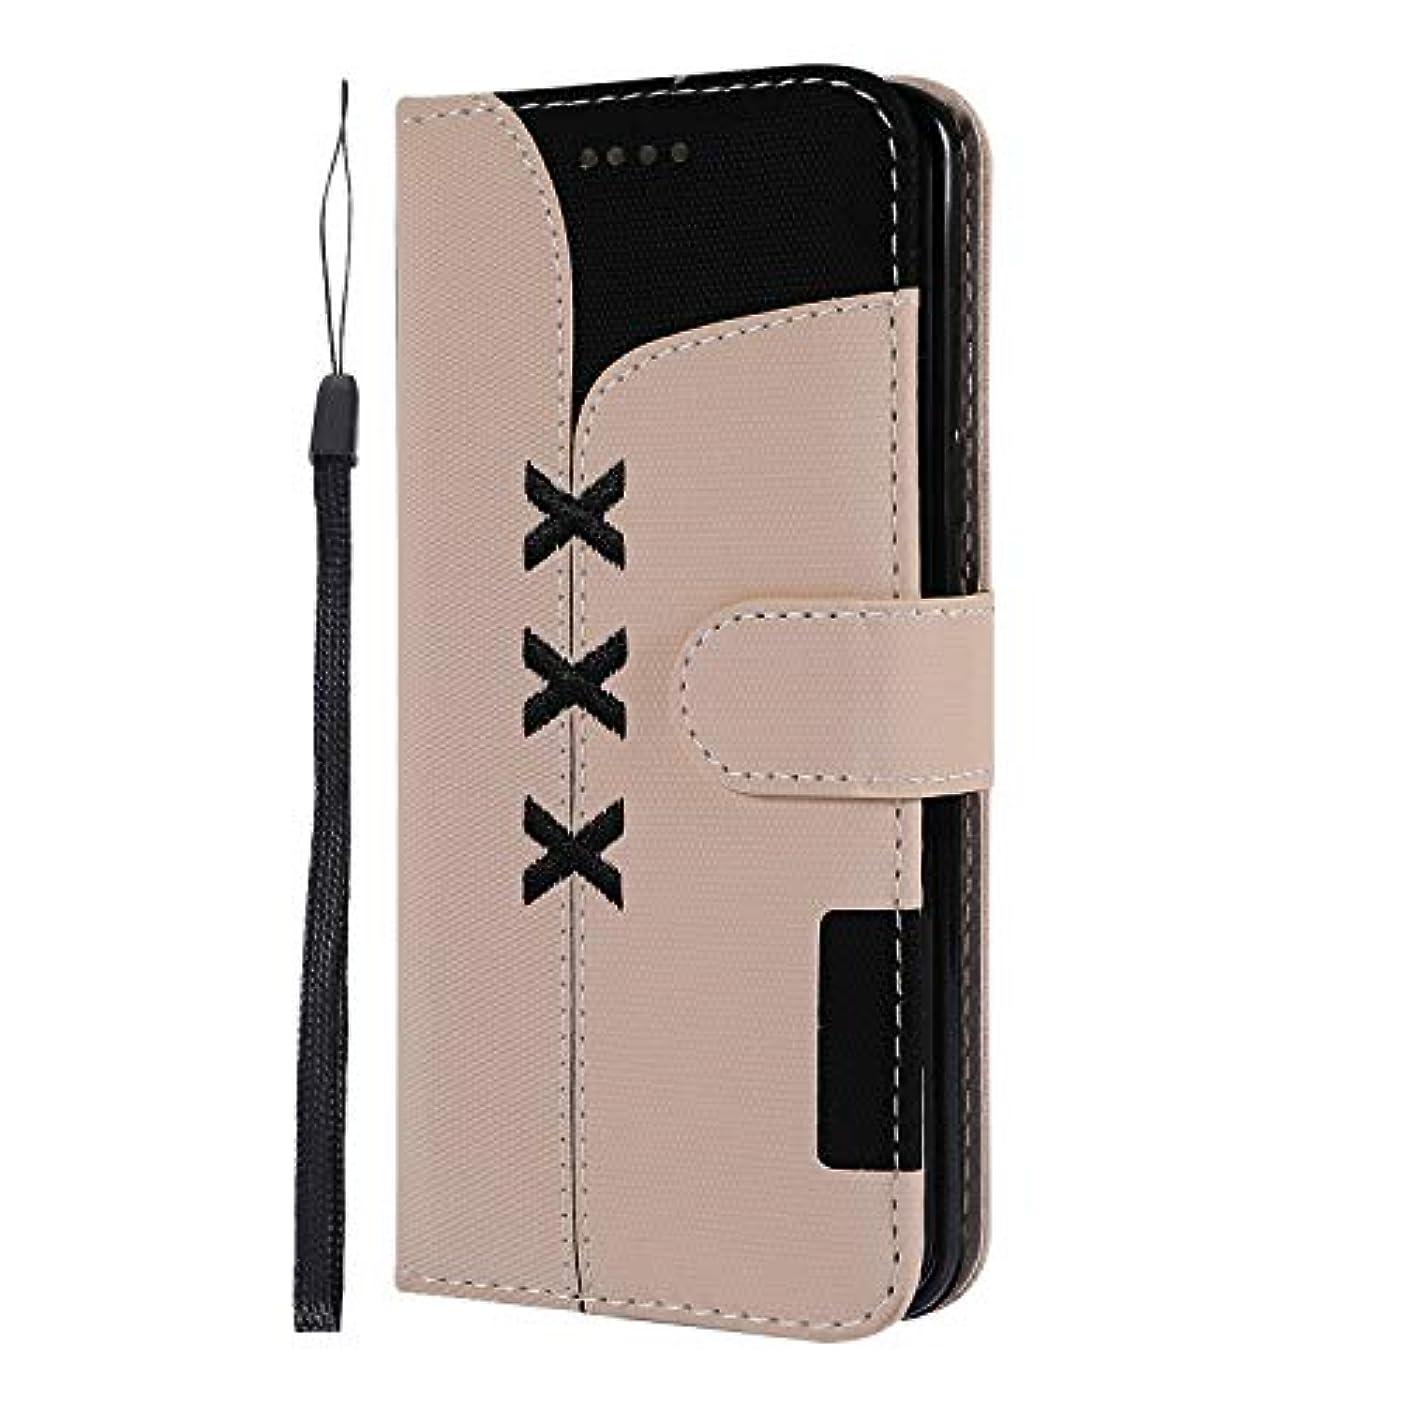 不運寮用心深いLomogo Galaxy S9 / docomo SC-02K / au SCV38 ケース 手帳型 耐衝撃 レザーケース 財布型 カードポケット スタンド機能 マグネット式 ギャラクシーS9 手帳型ケース カバー 人気 - LOGHU040228 白